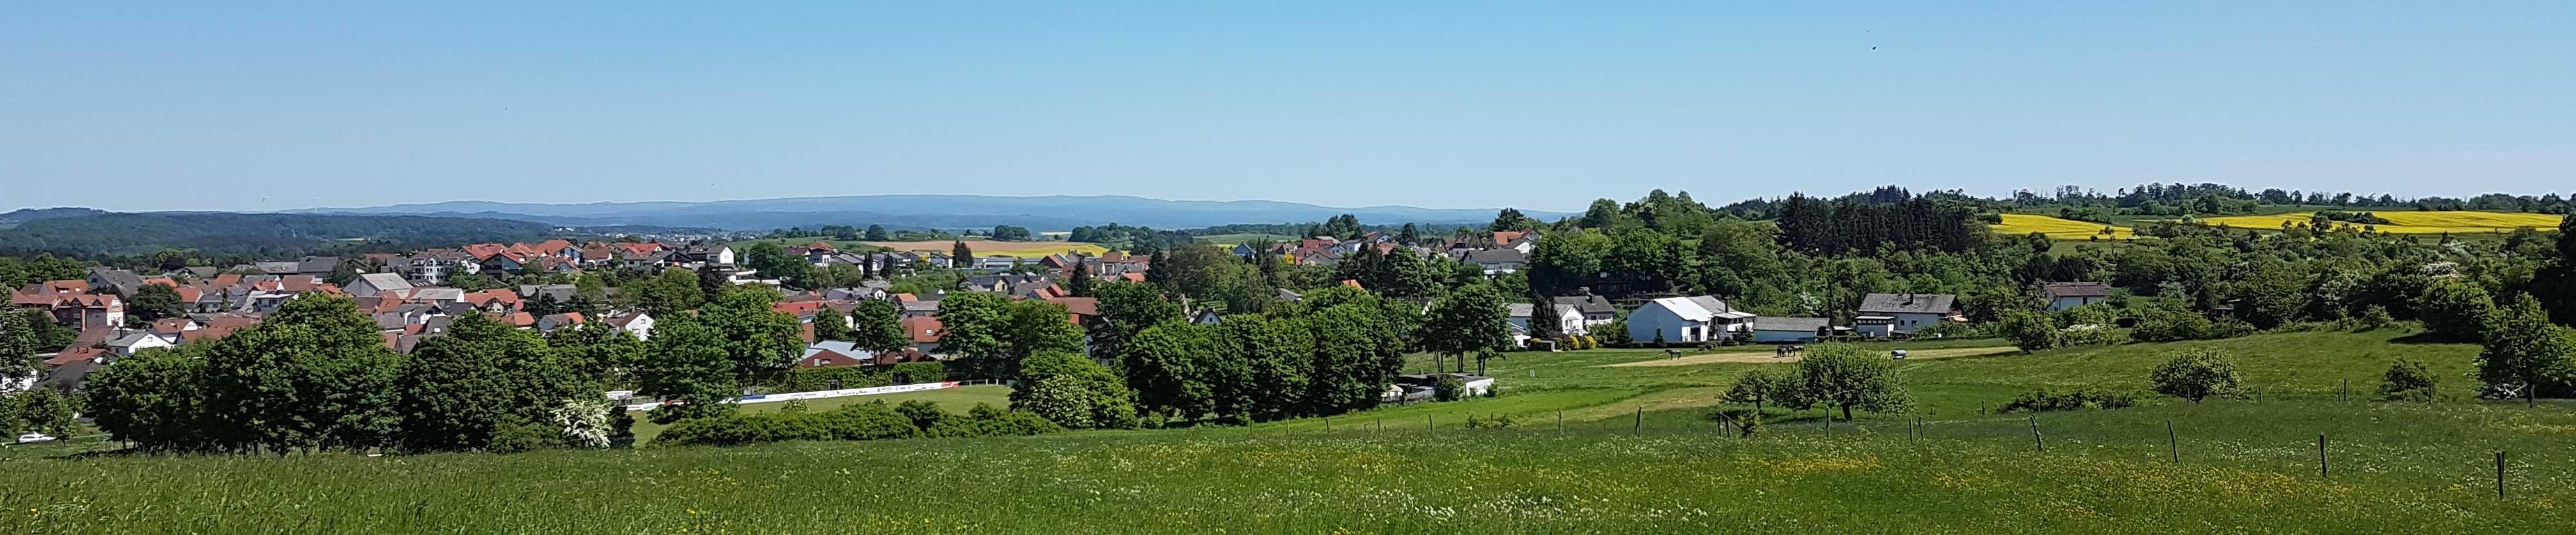 Burkhardsfelden - Slider